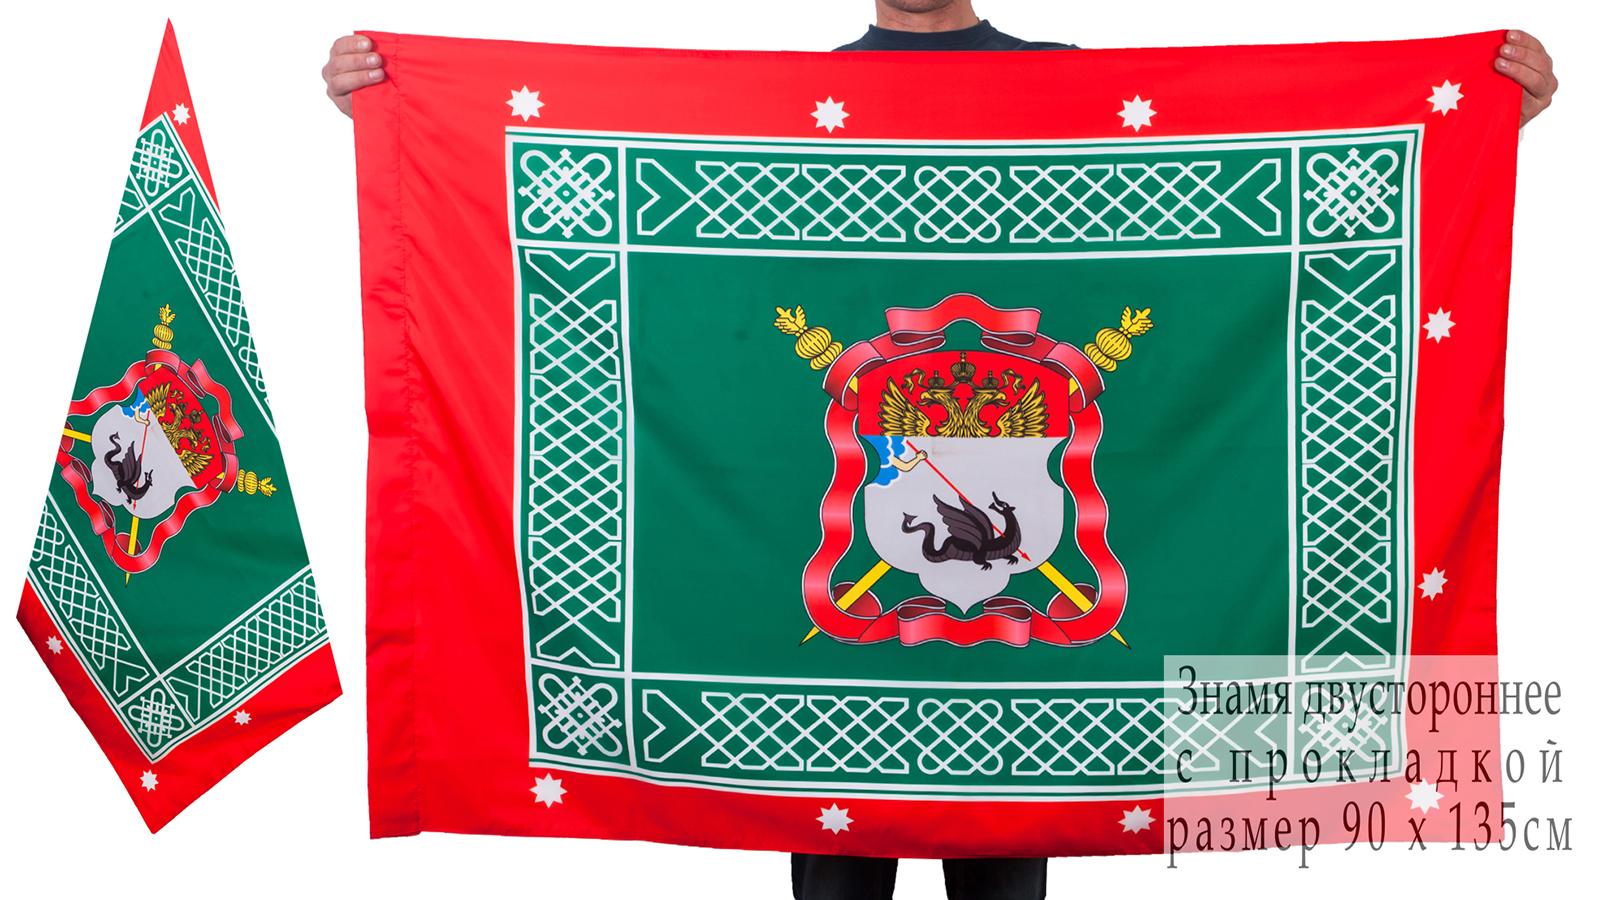 Двухстороннее знамя Енисейского казачьего войска